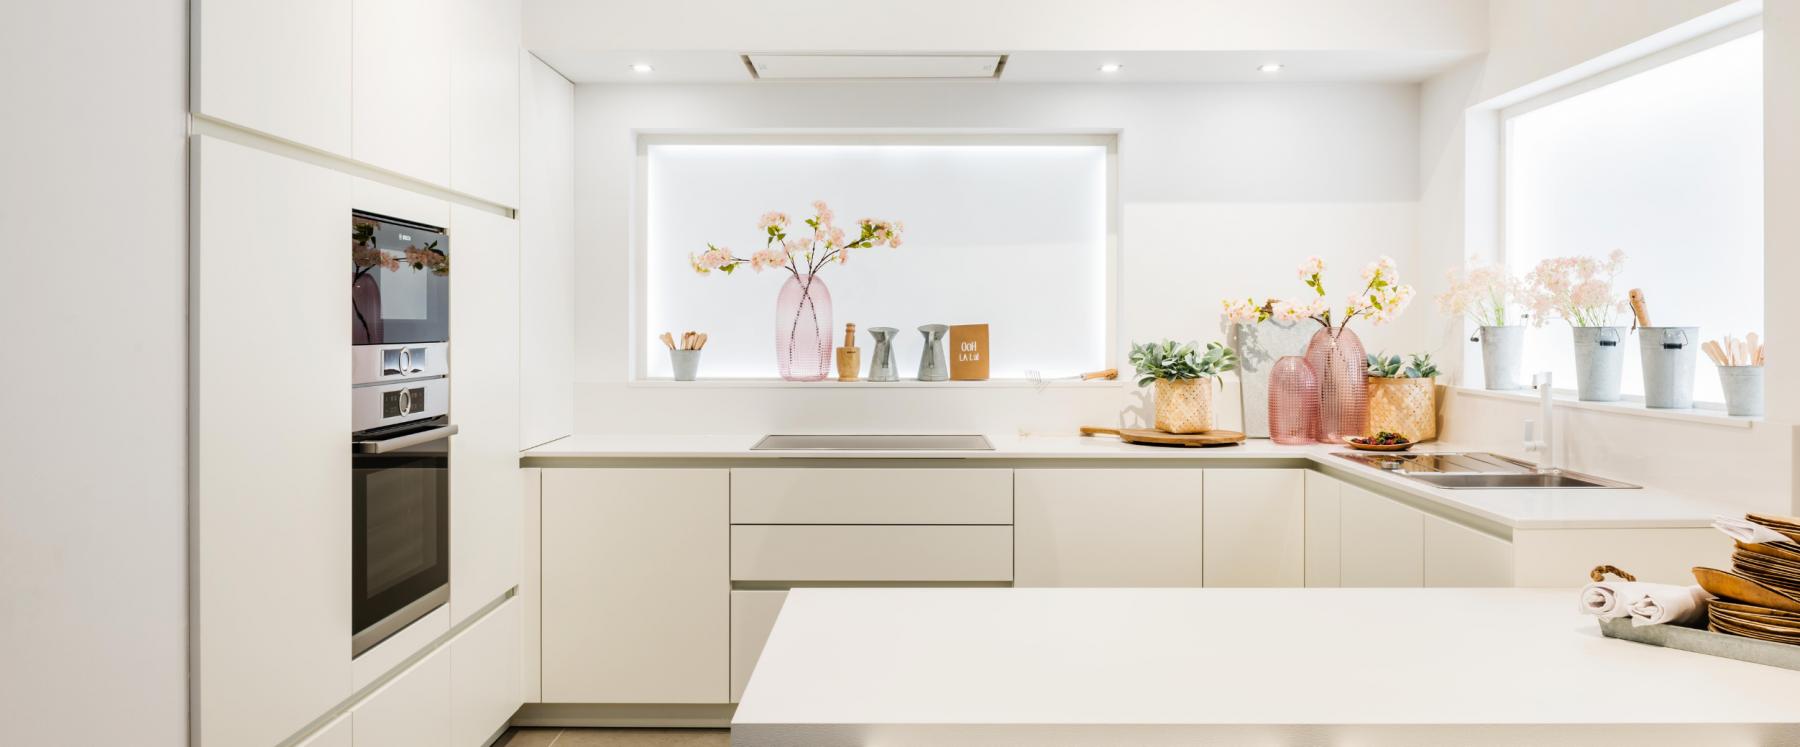 witte, gezellige kitchenette